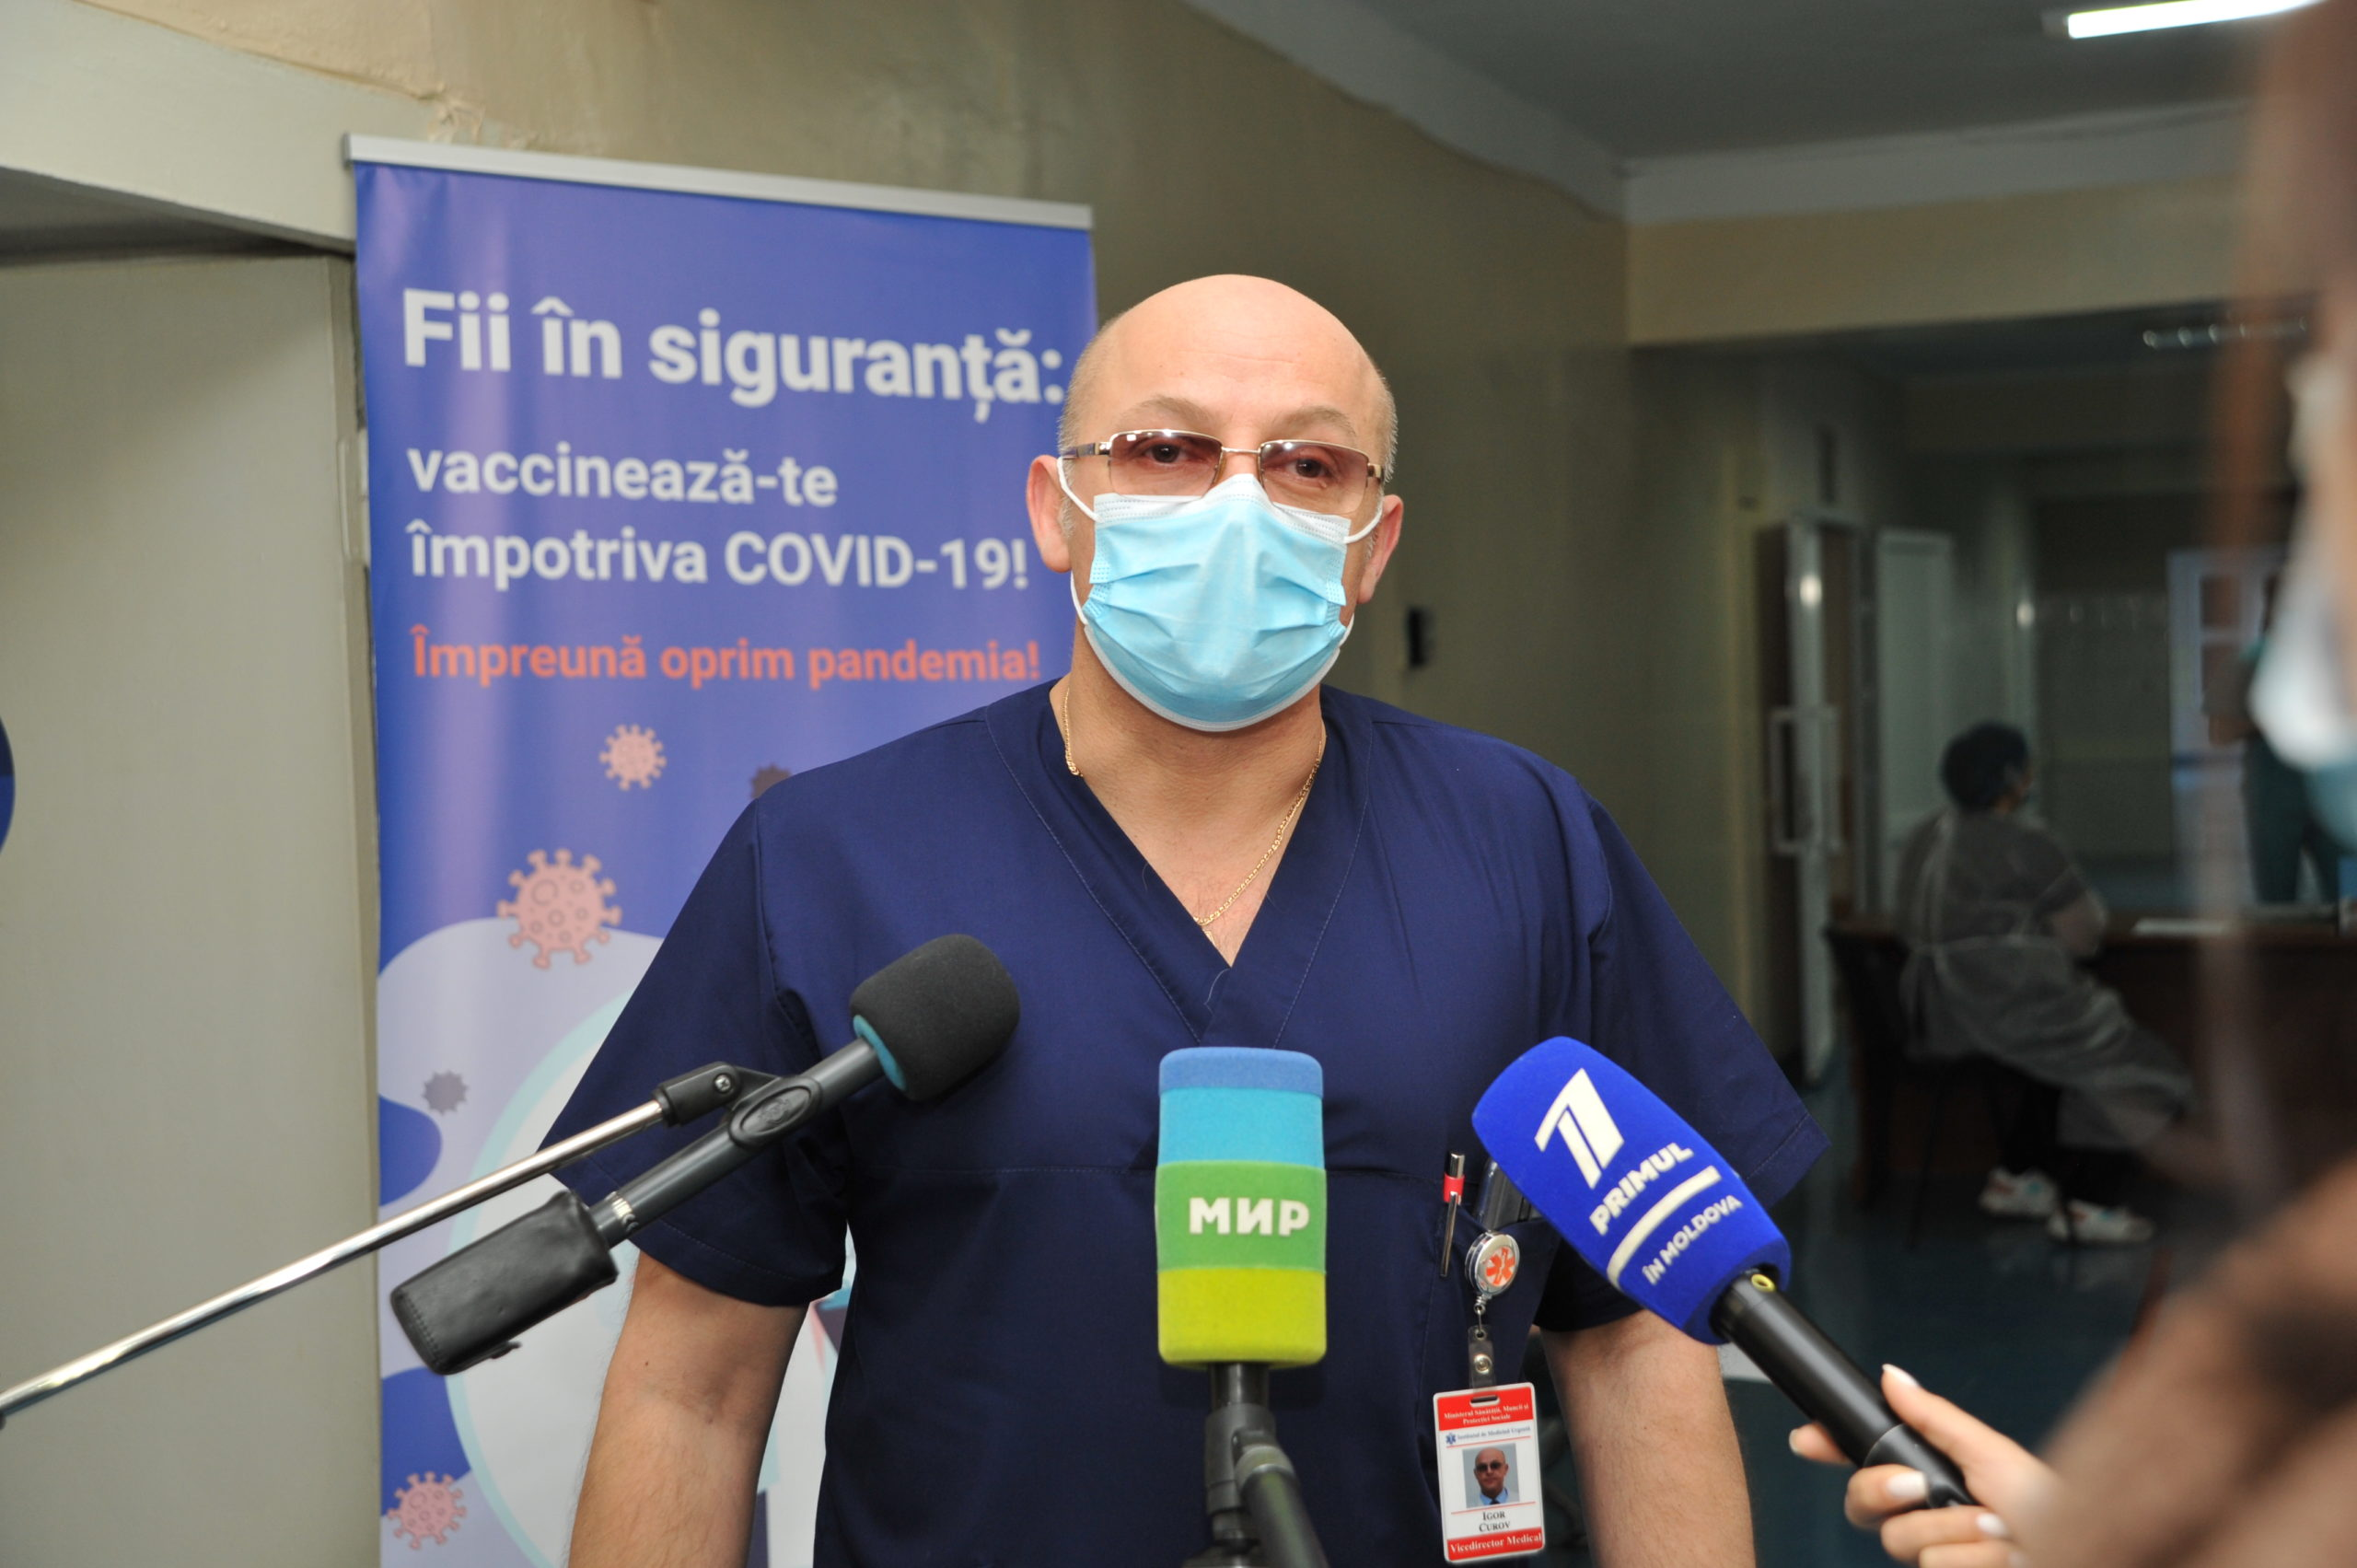 Как прошел первый день вакцинации вМолдове. Фоторепортаж NM